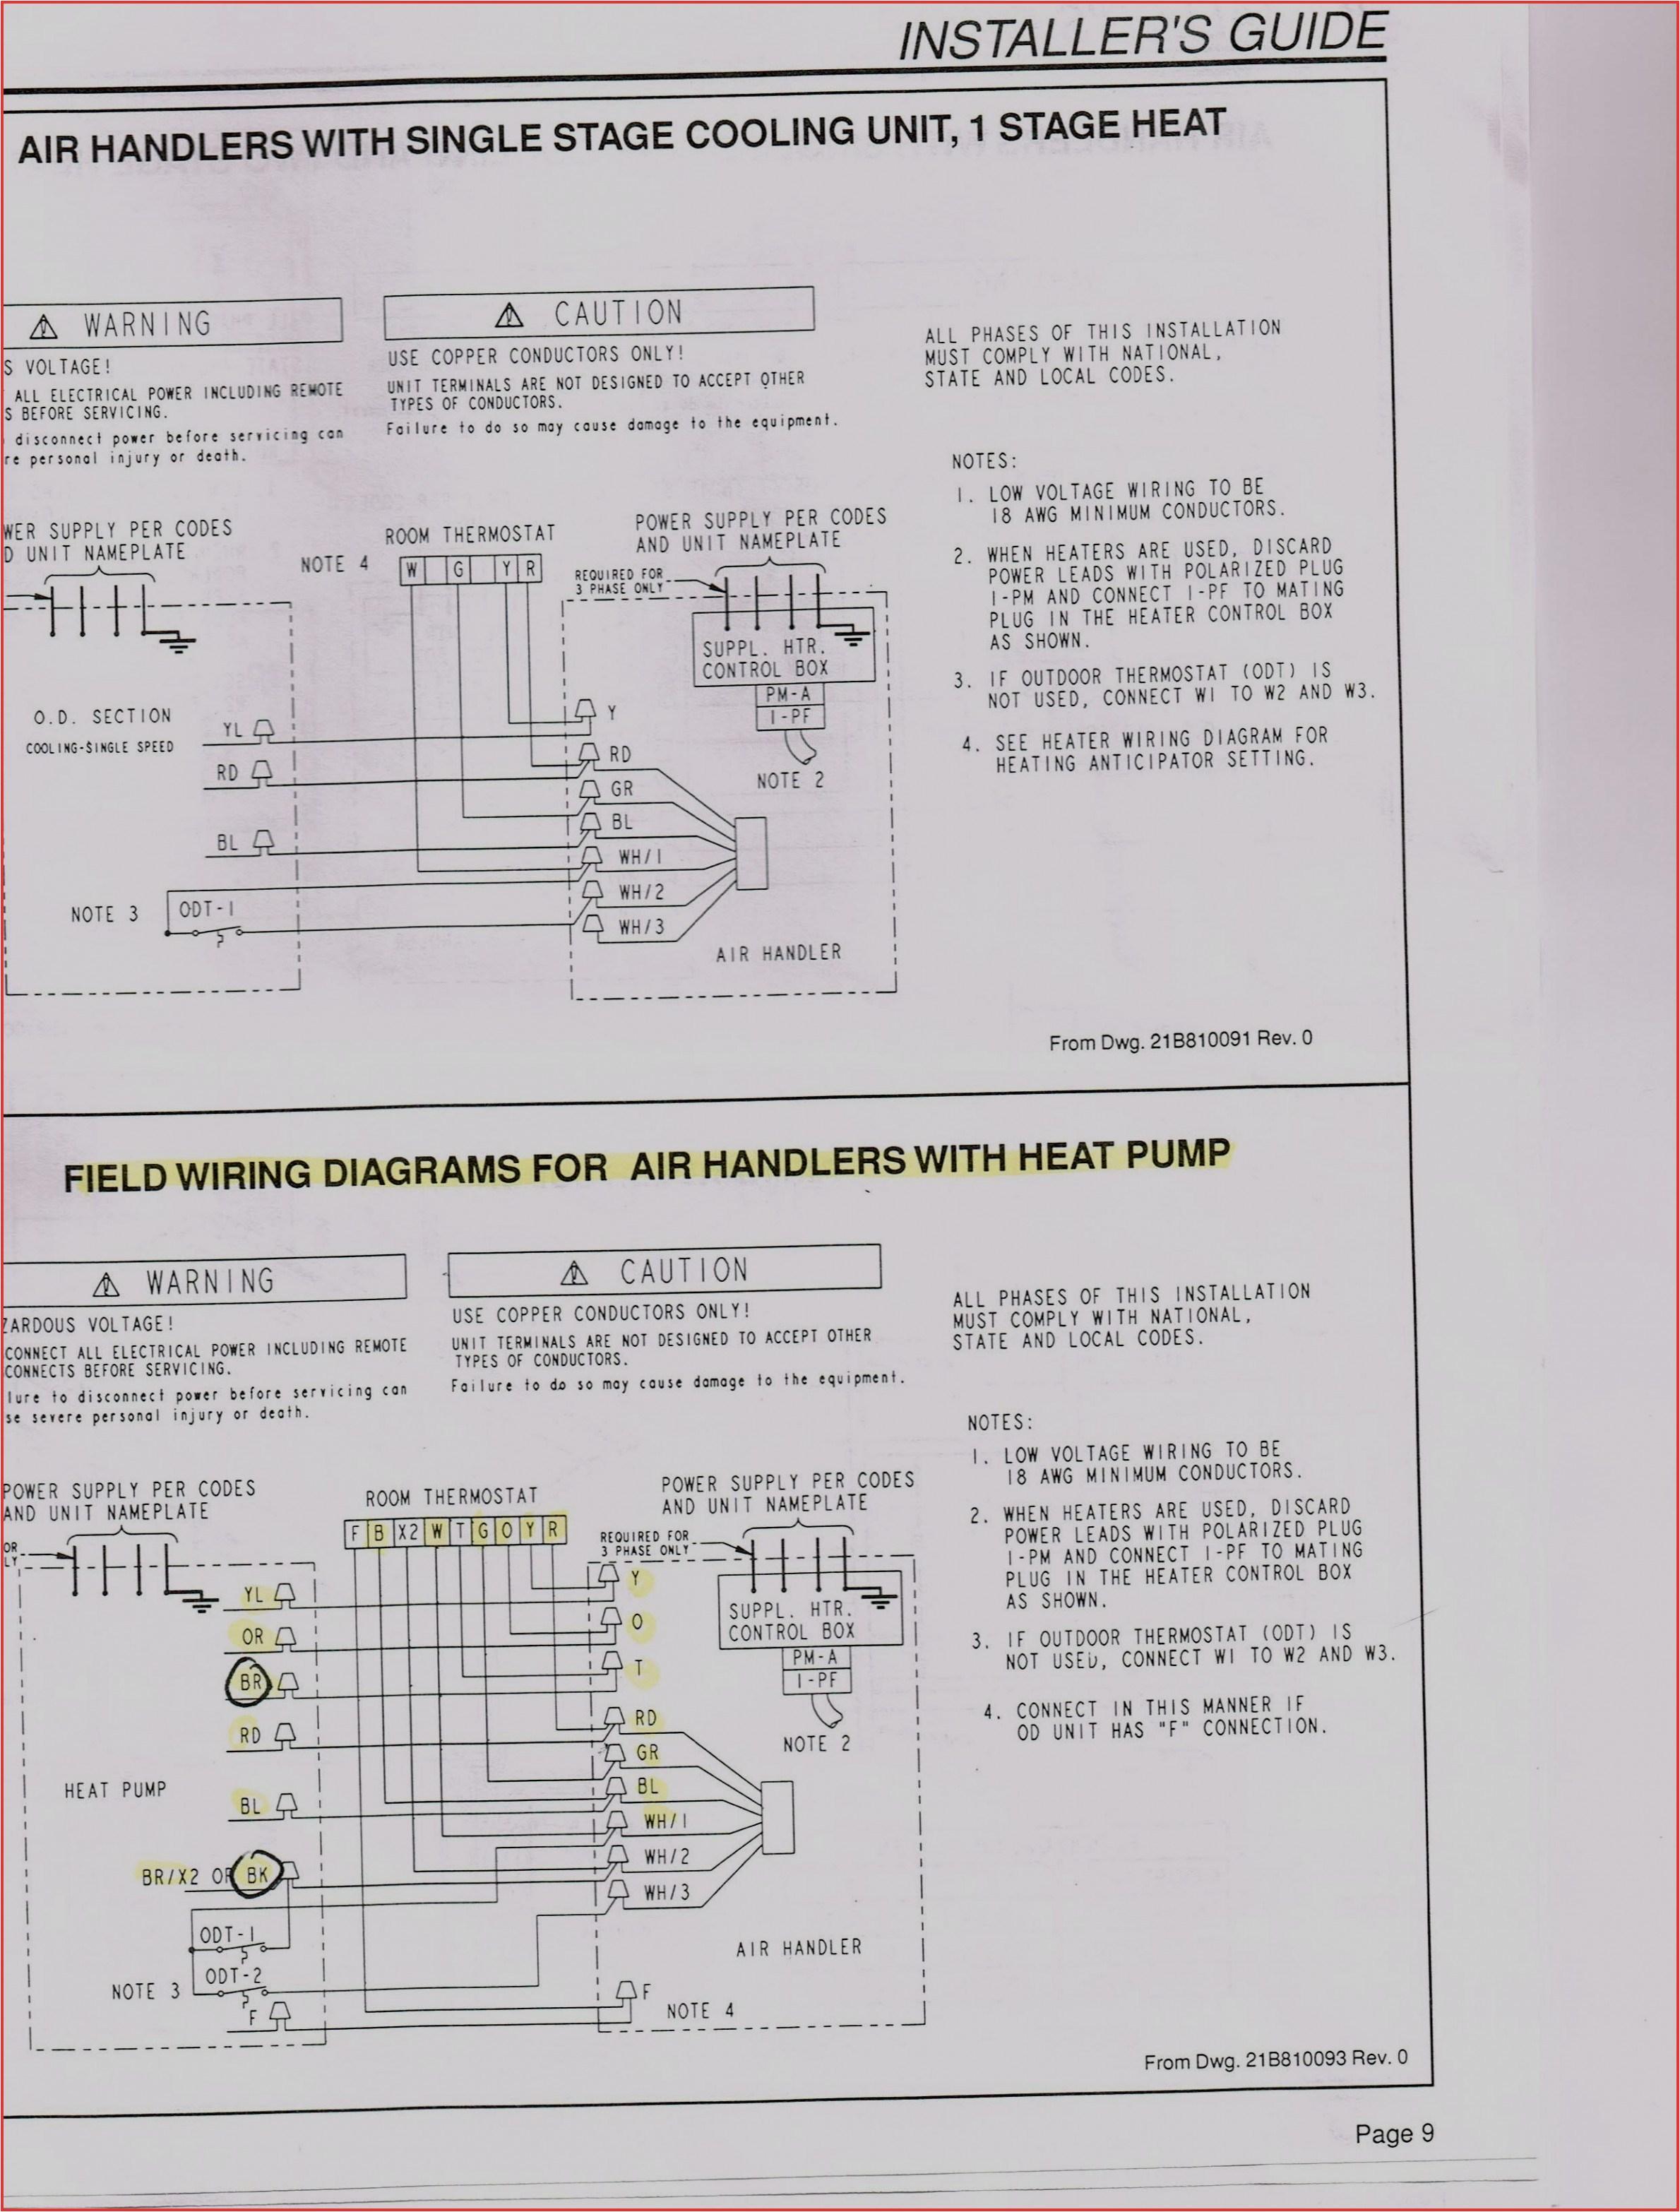 4 wire 220 volt 3 phase wiring diagram 50 amp welder wiring 4 wire to three